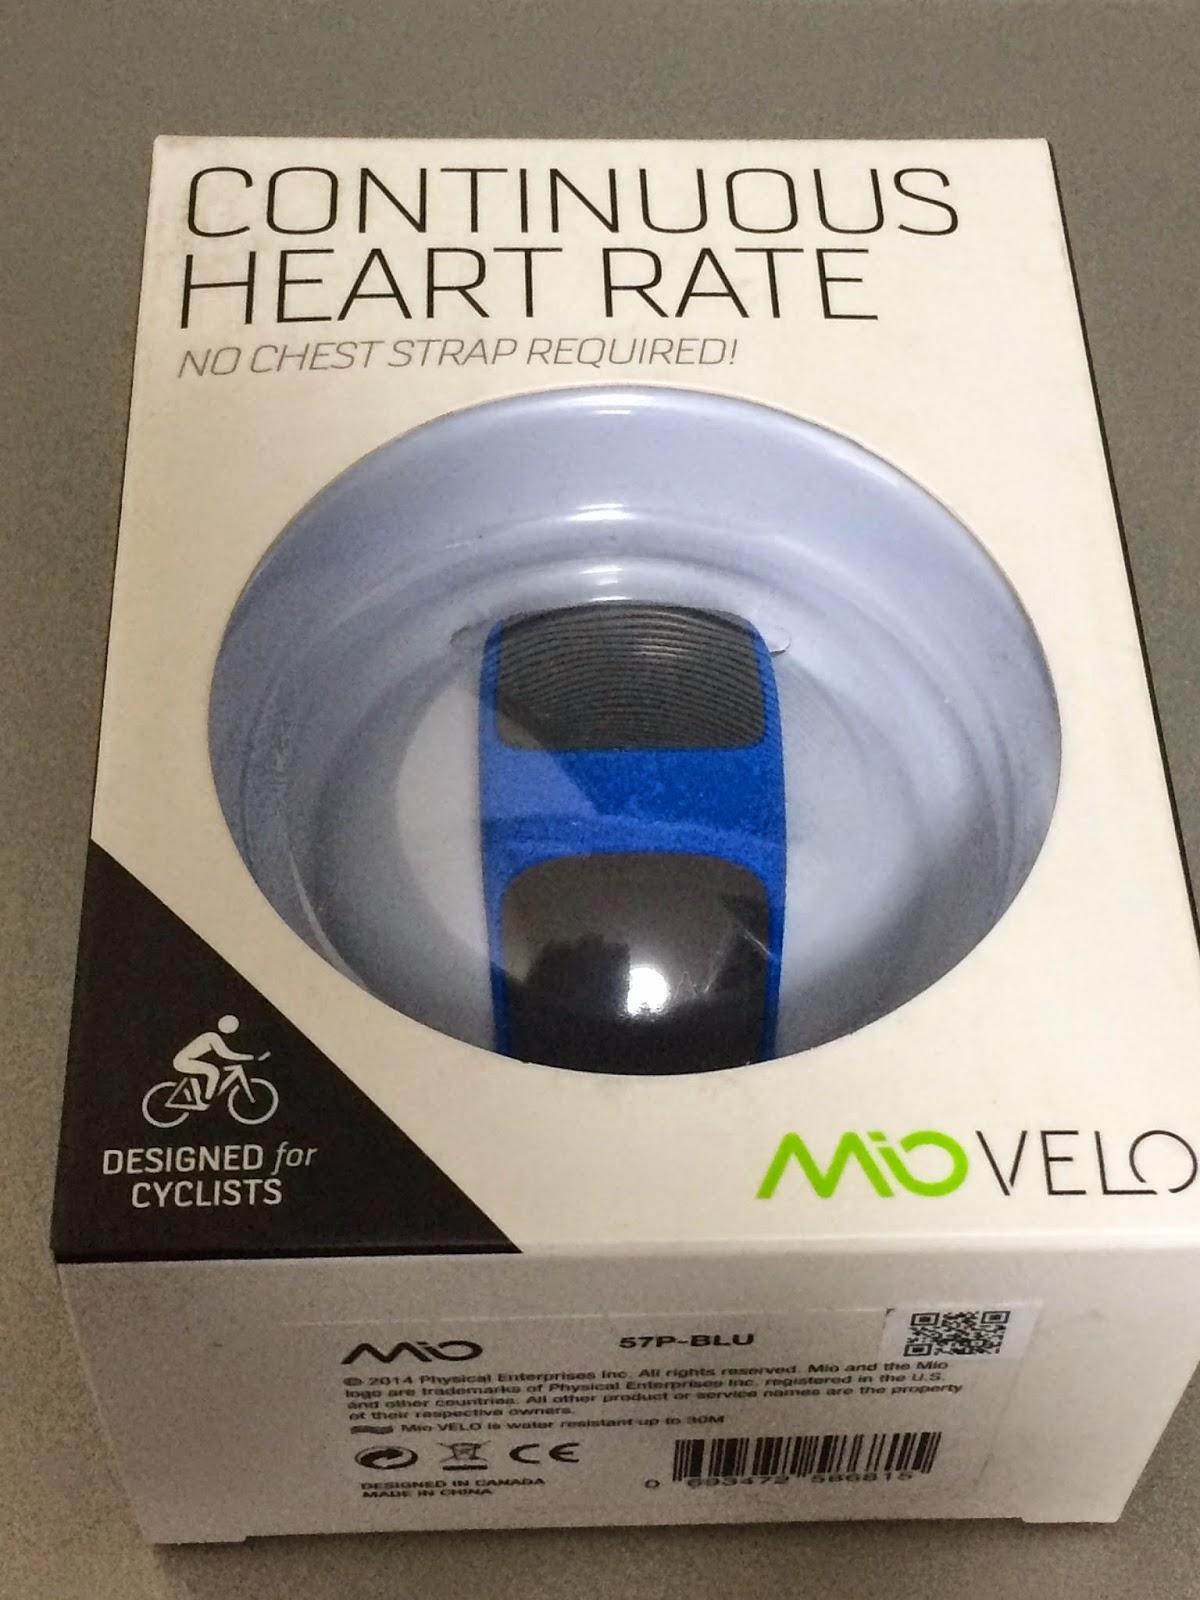 e9c6c658de 心拍計測リストバンドMio Velo開梱の儀とインプレ - SEがロードバイクに乗る